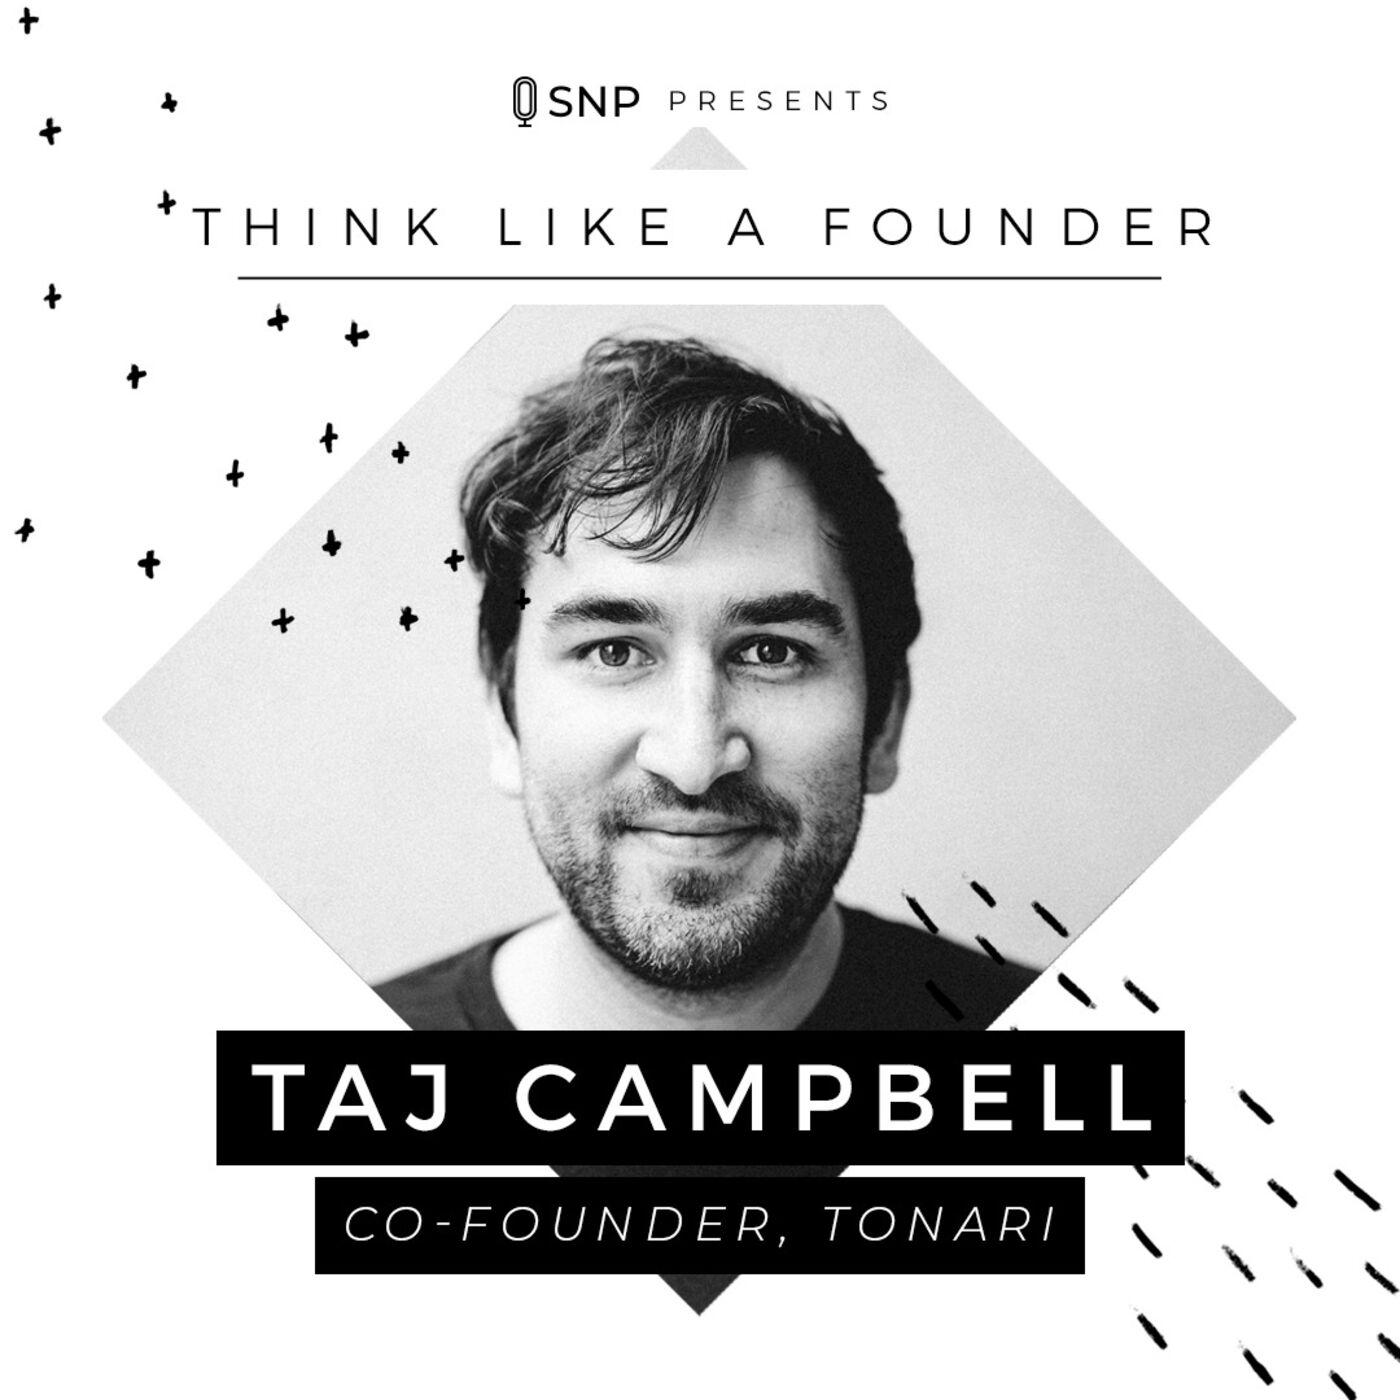 010: Taj Campbell - Co-Founder of Tonari